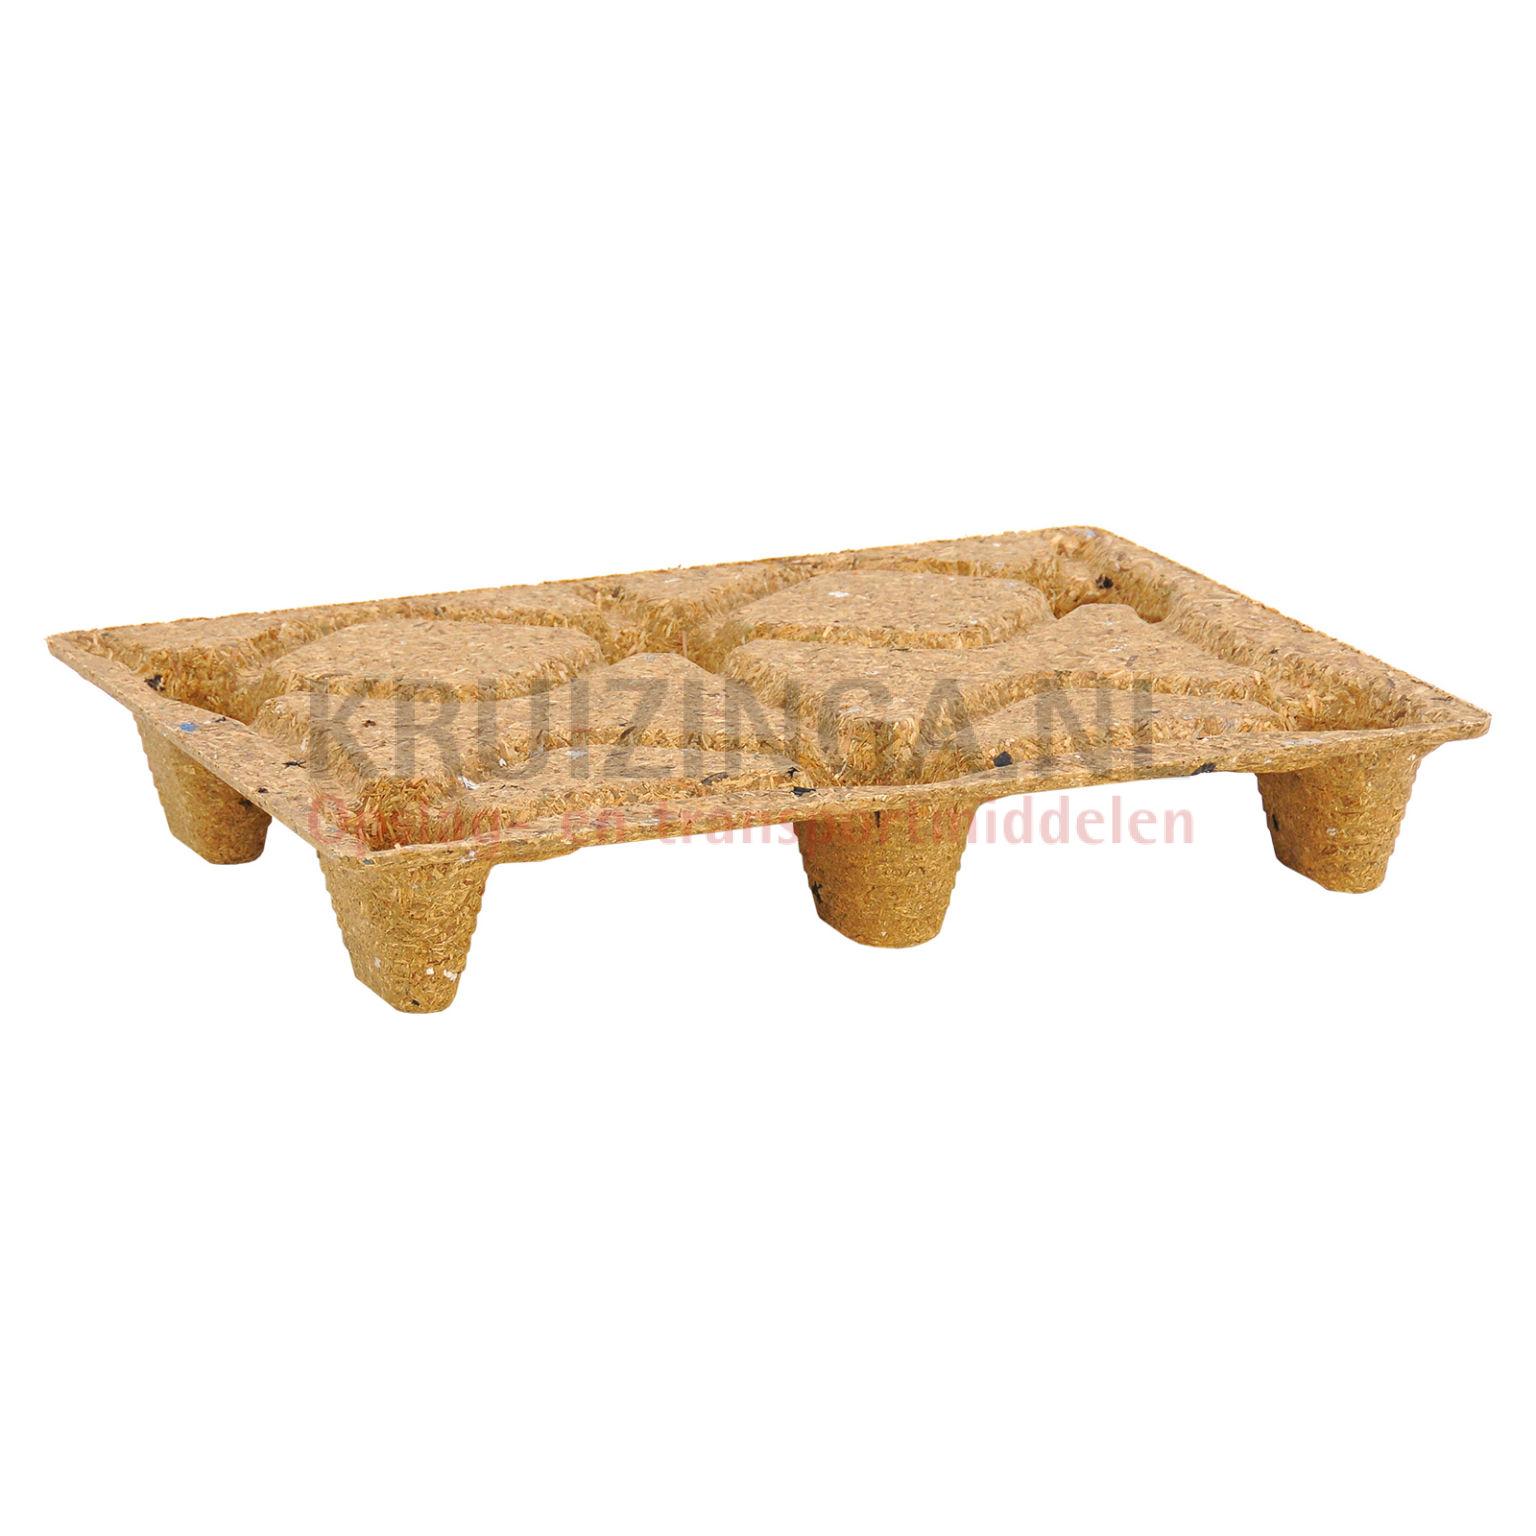 palette palette en bois emboitables partir de 5 20 frais de livraison inclus. Black Bedroom Furniture Sets. Home Design Ideas